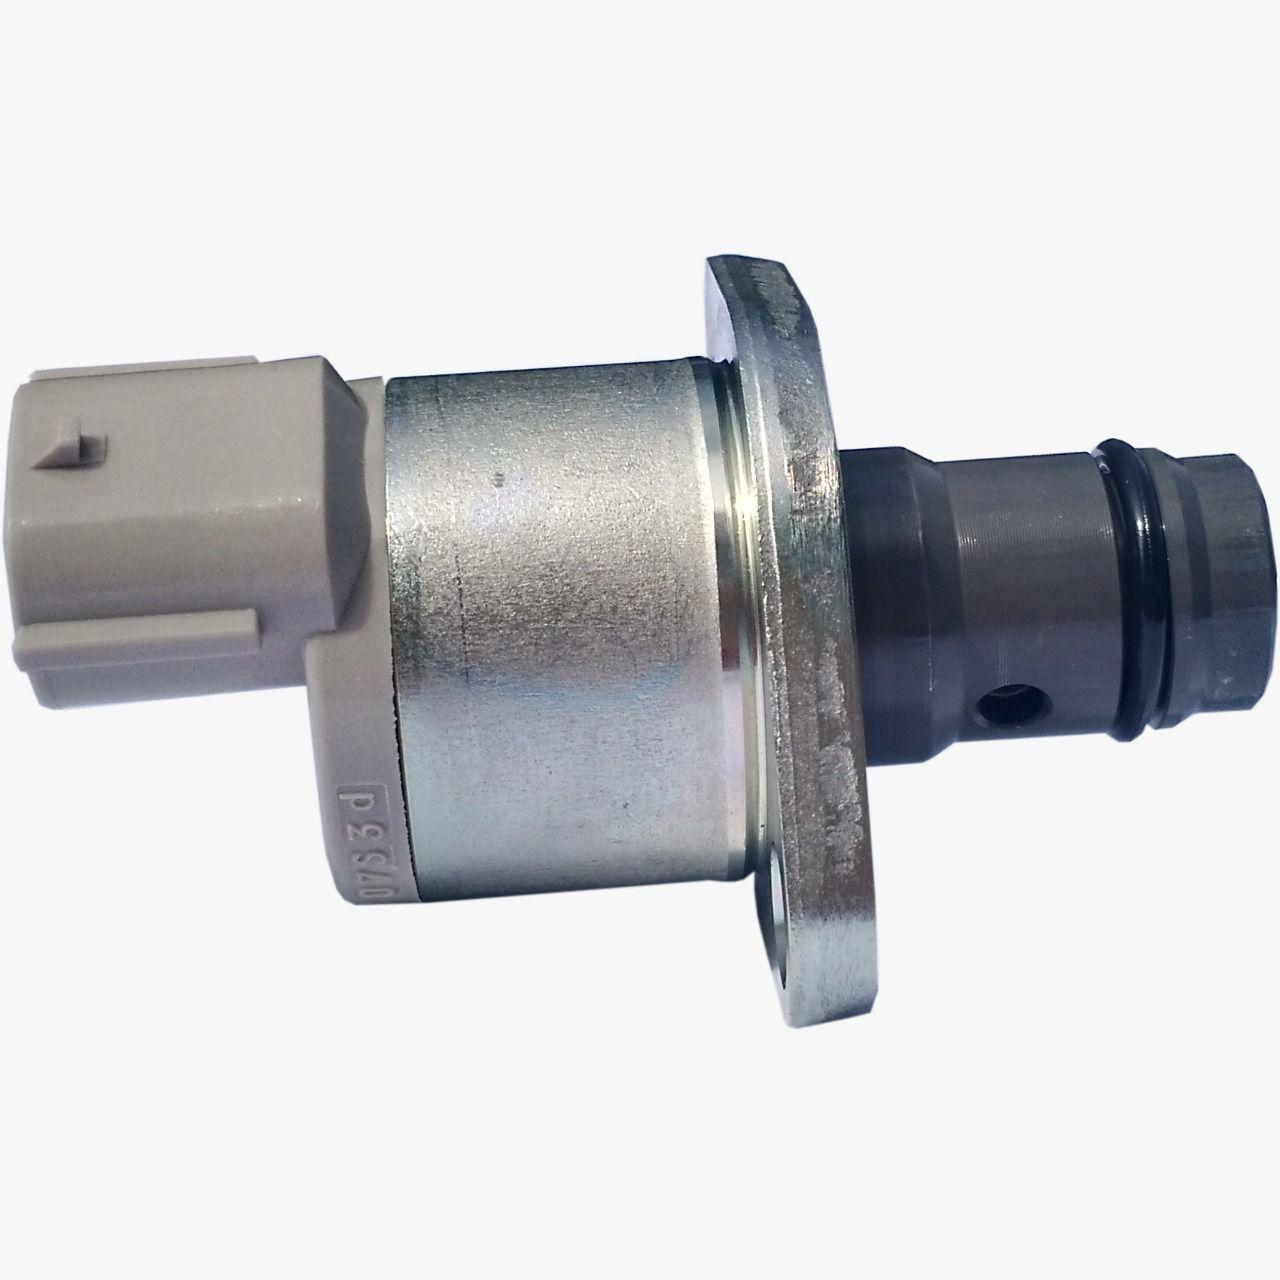 Válvula Reguladora de Fluxo de Pressão Hilux 2.5 e 3.0 16V Ano 2005 A 2011 Nova Original Denso